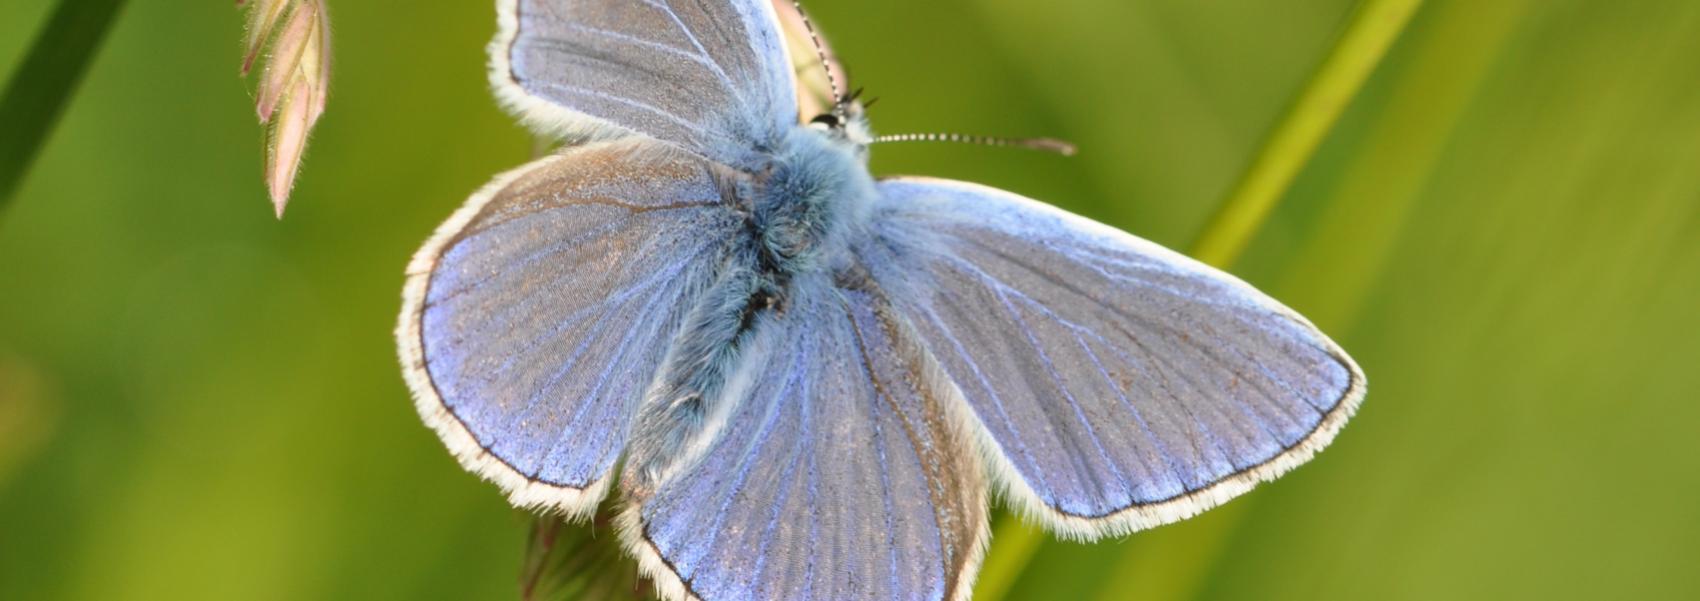 een vlinder